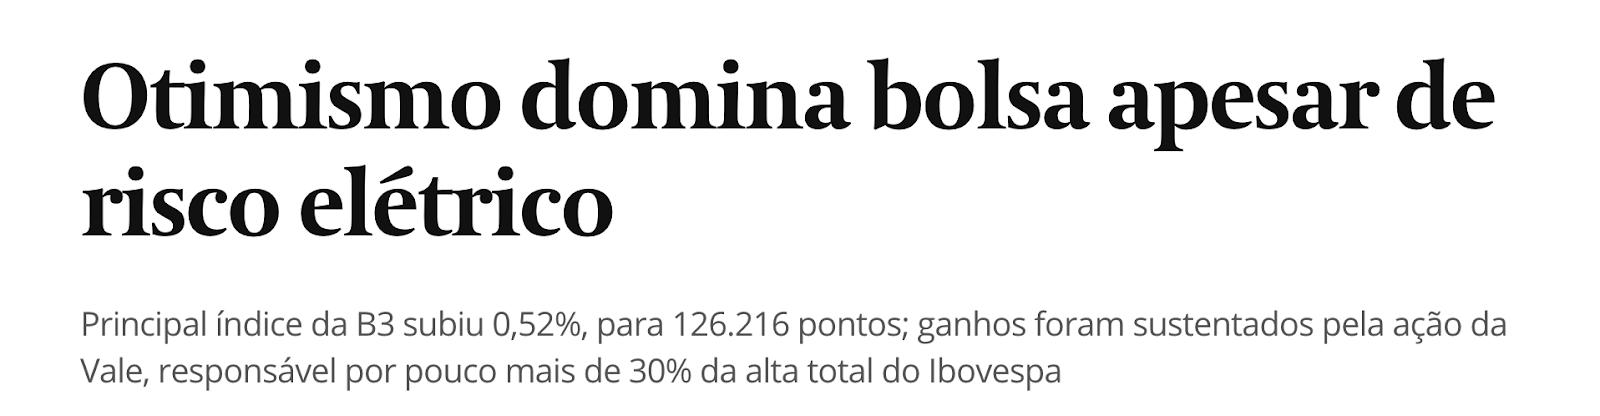 """Print de manchete do Valor Econômico: """"Otimismo domina bolsa apesar de risco elétrico. Principal índice da B3 subiu 0,52% para 126.216 pontos; ganhos foram sustentados pela ação da Vale, responsável por pouco mais de 30% da alta total do Ibovespa."""""""